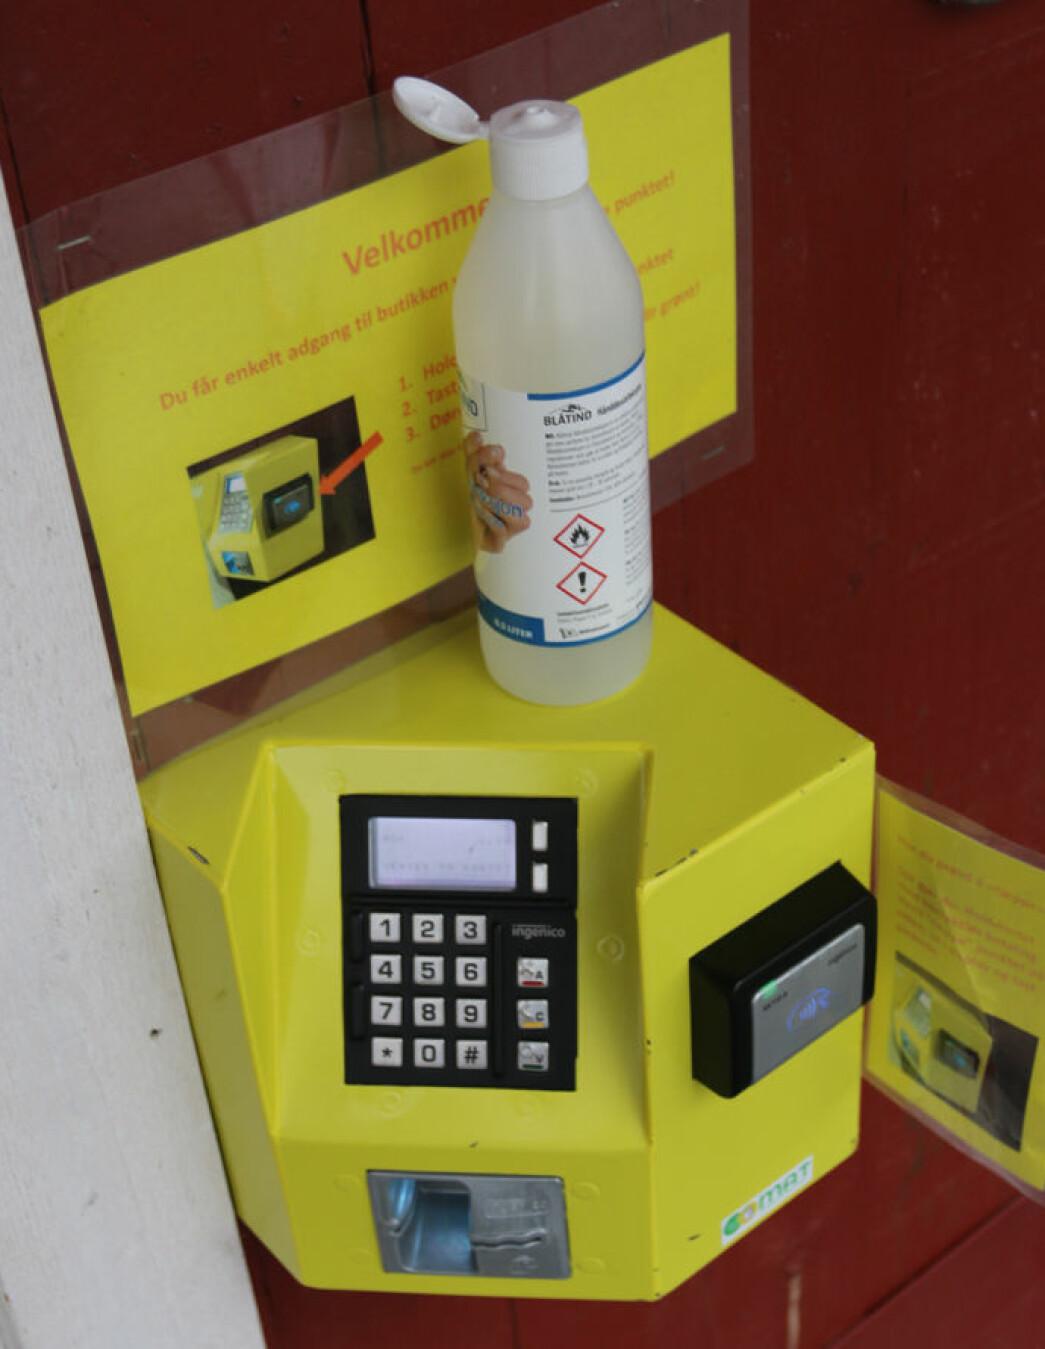 Den gule RMA-Adgangskontrollen åpnes med gyldige betalingskort som nøkkelkort til butikken. Under koronaen også naturlig underlag for håndspritflasken som skal stå ved alle butikkinnganger.